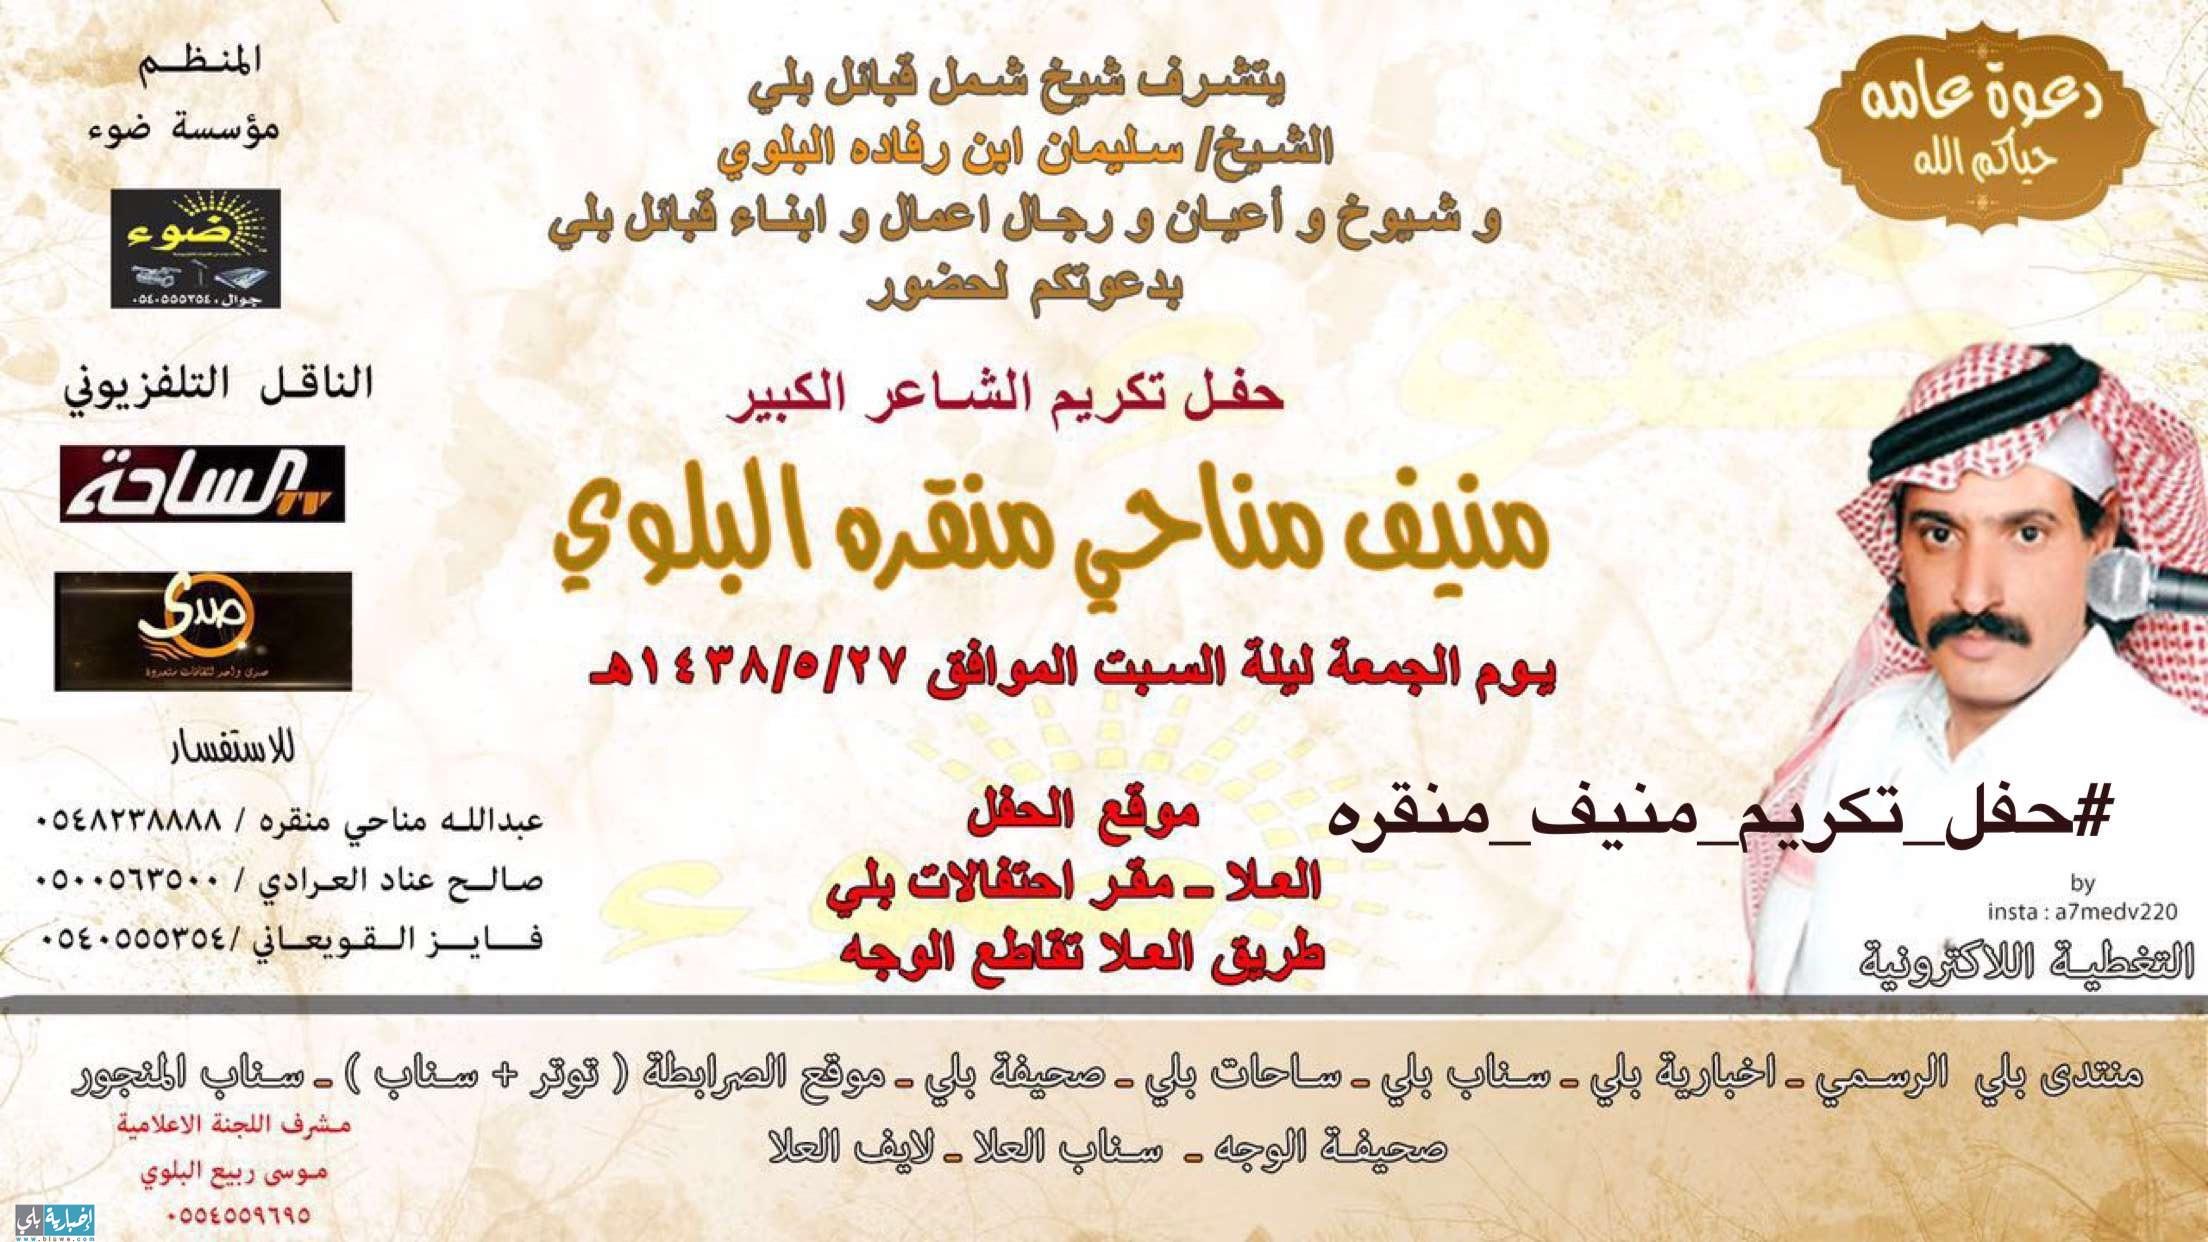 دعوة عامة لحضور حفل تكريم شاهر الشمال منيف مناحي منقره البلوي